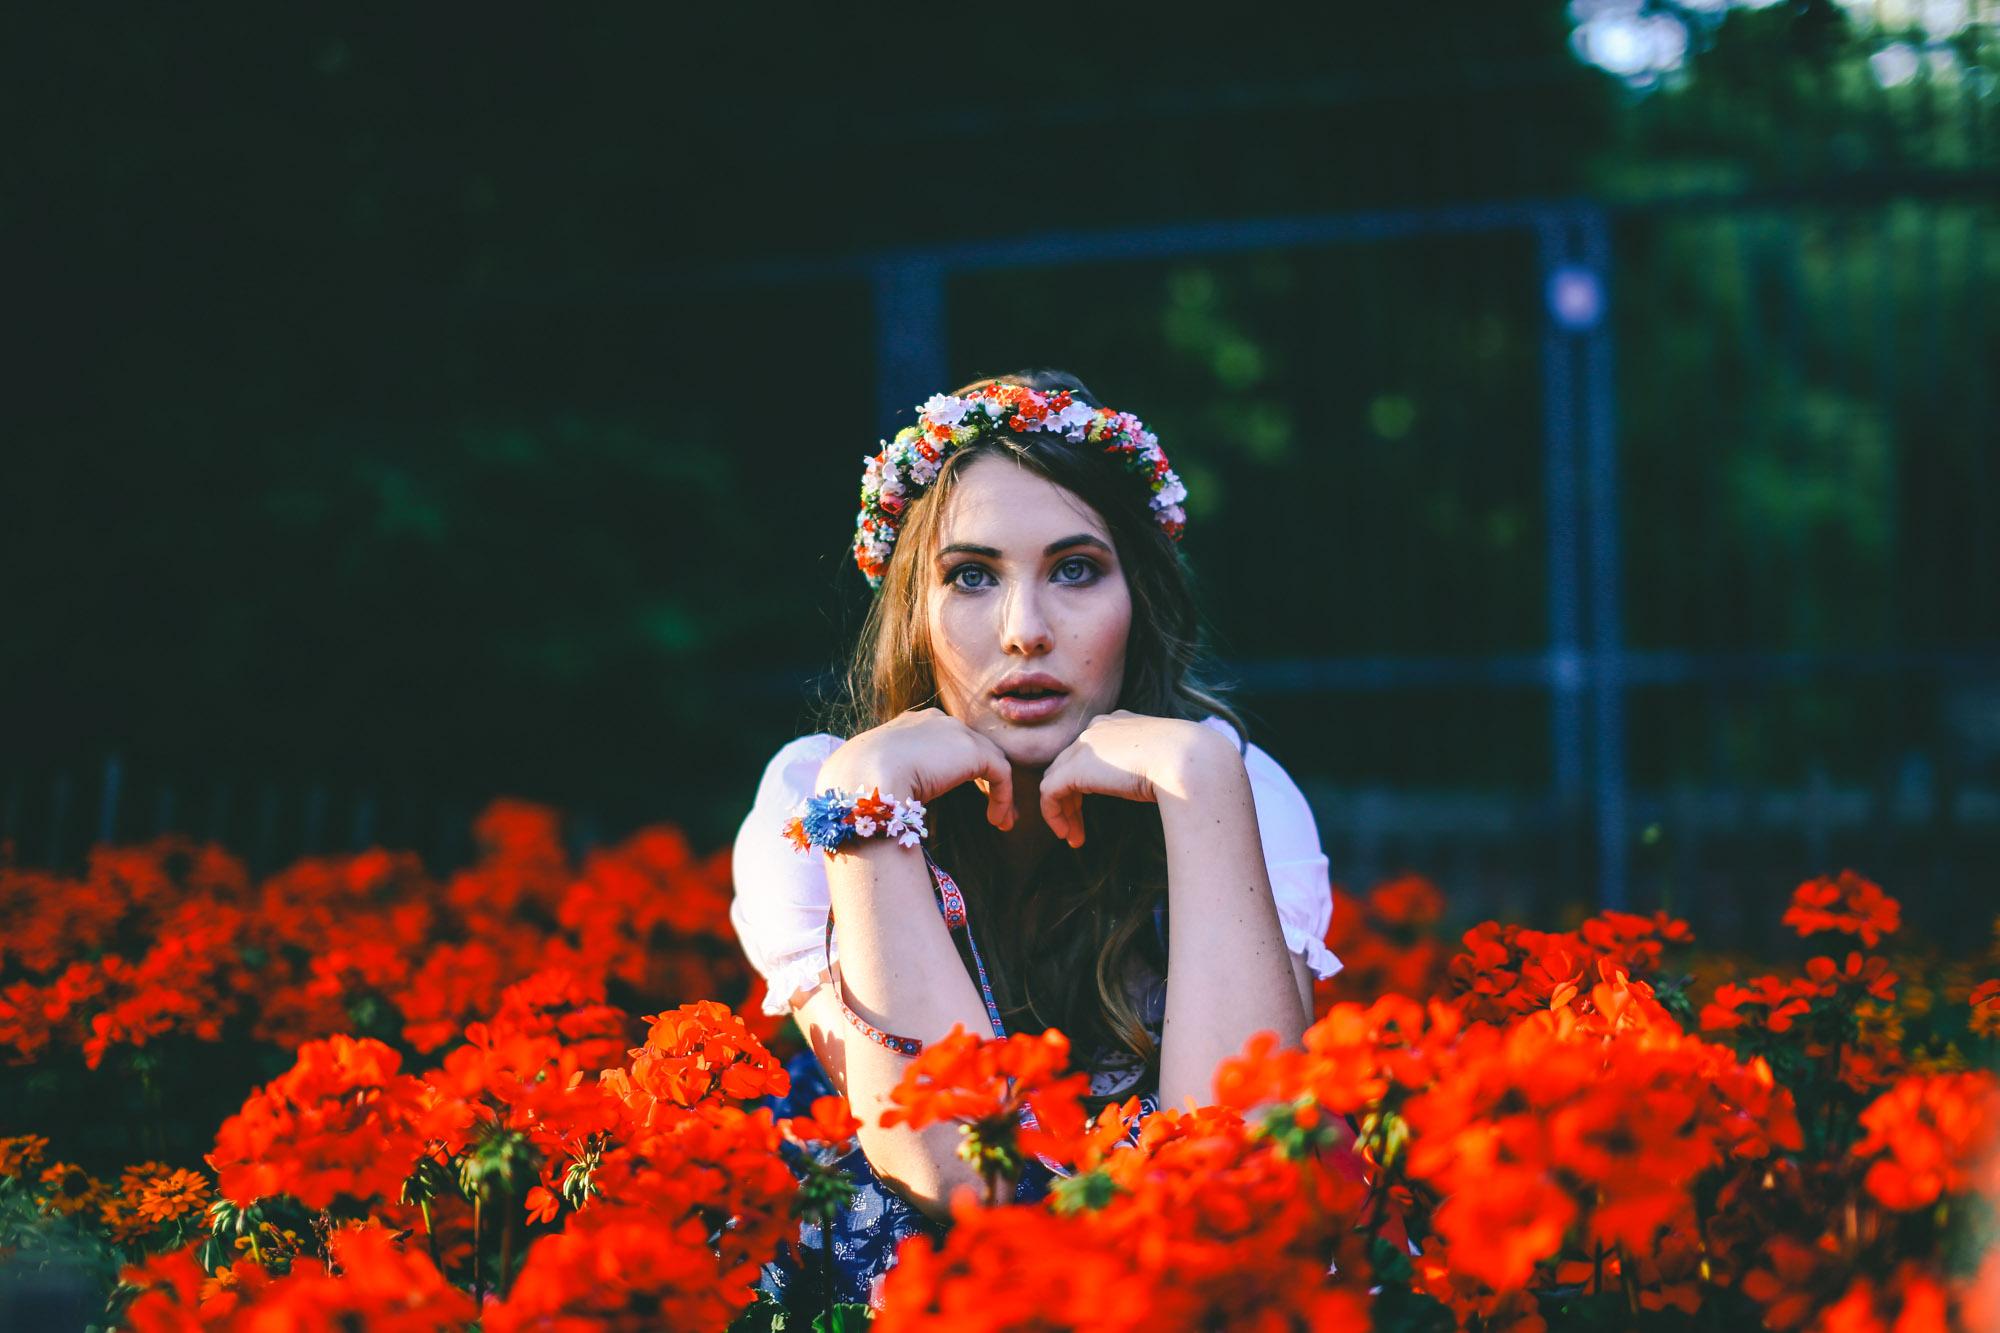 ADA16_Lookbook_We_are_flowergirls_blumenkranz_trachten_flowercrown_(23_von_40)_WEB.jpg